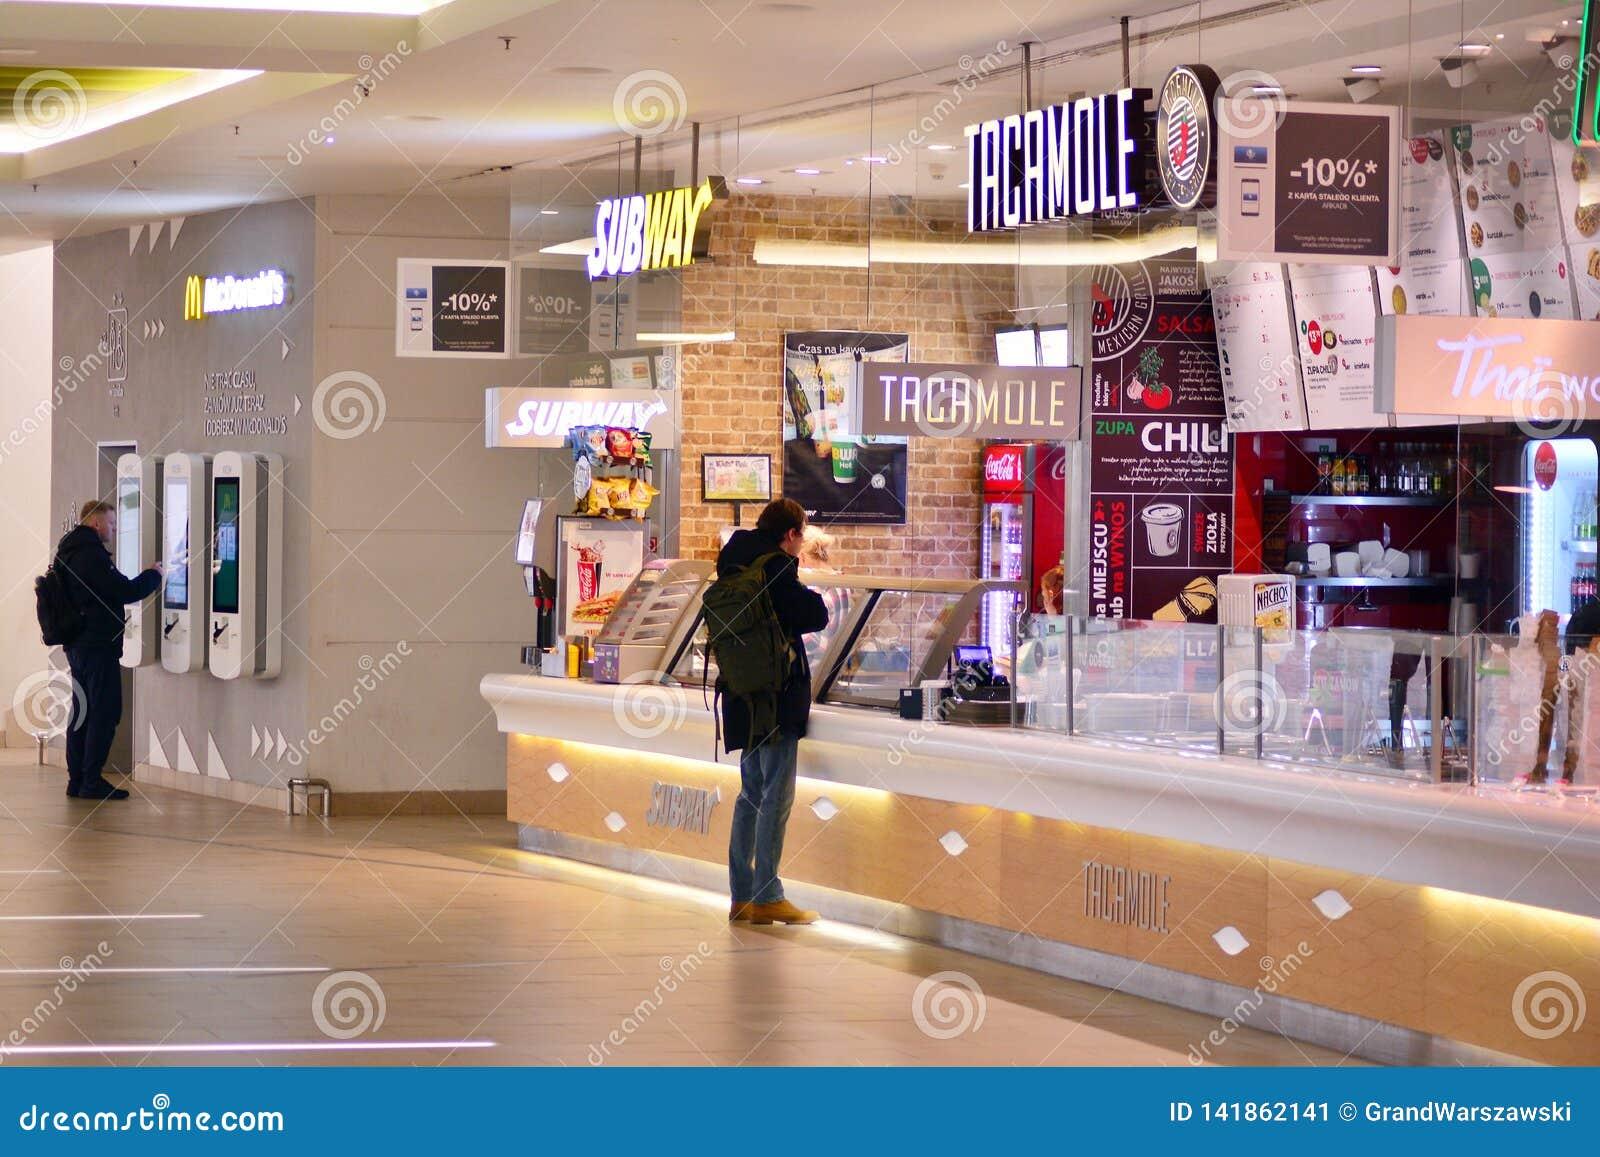 Restaurant Zone In The Arkadia Shopping Center Arkadia Offers A